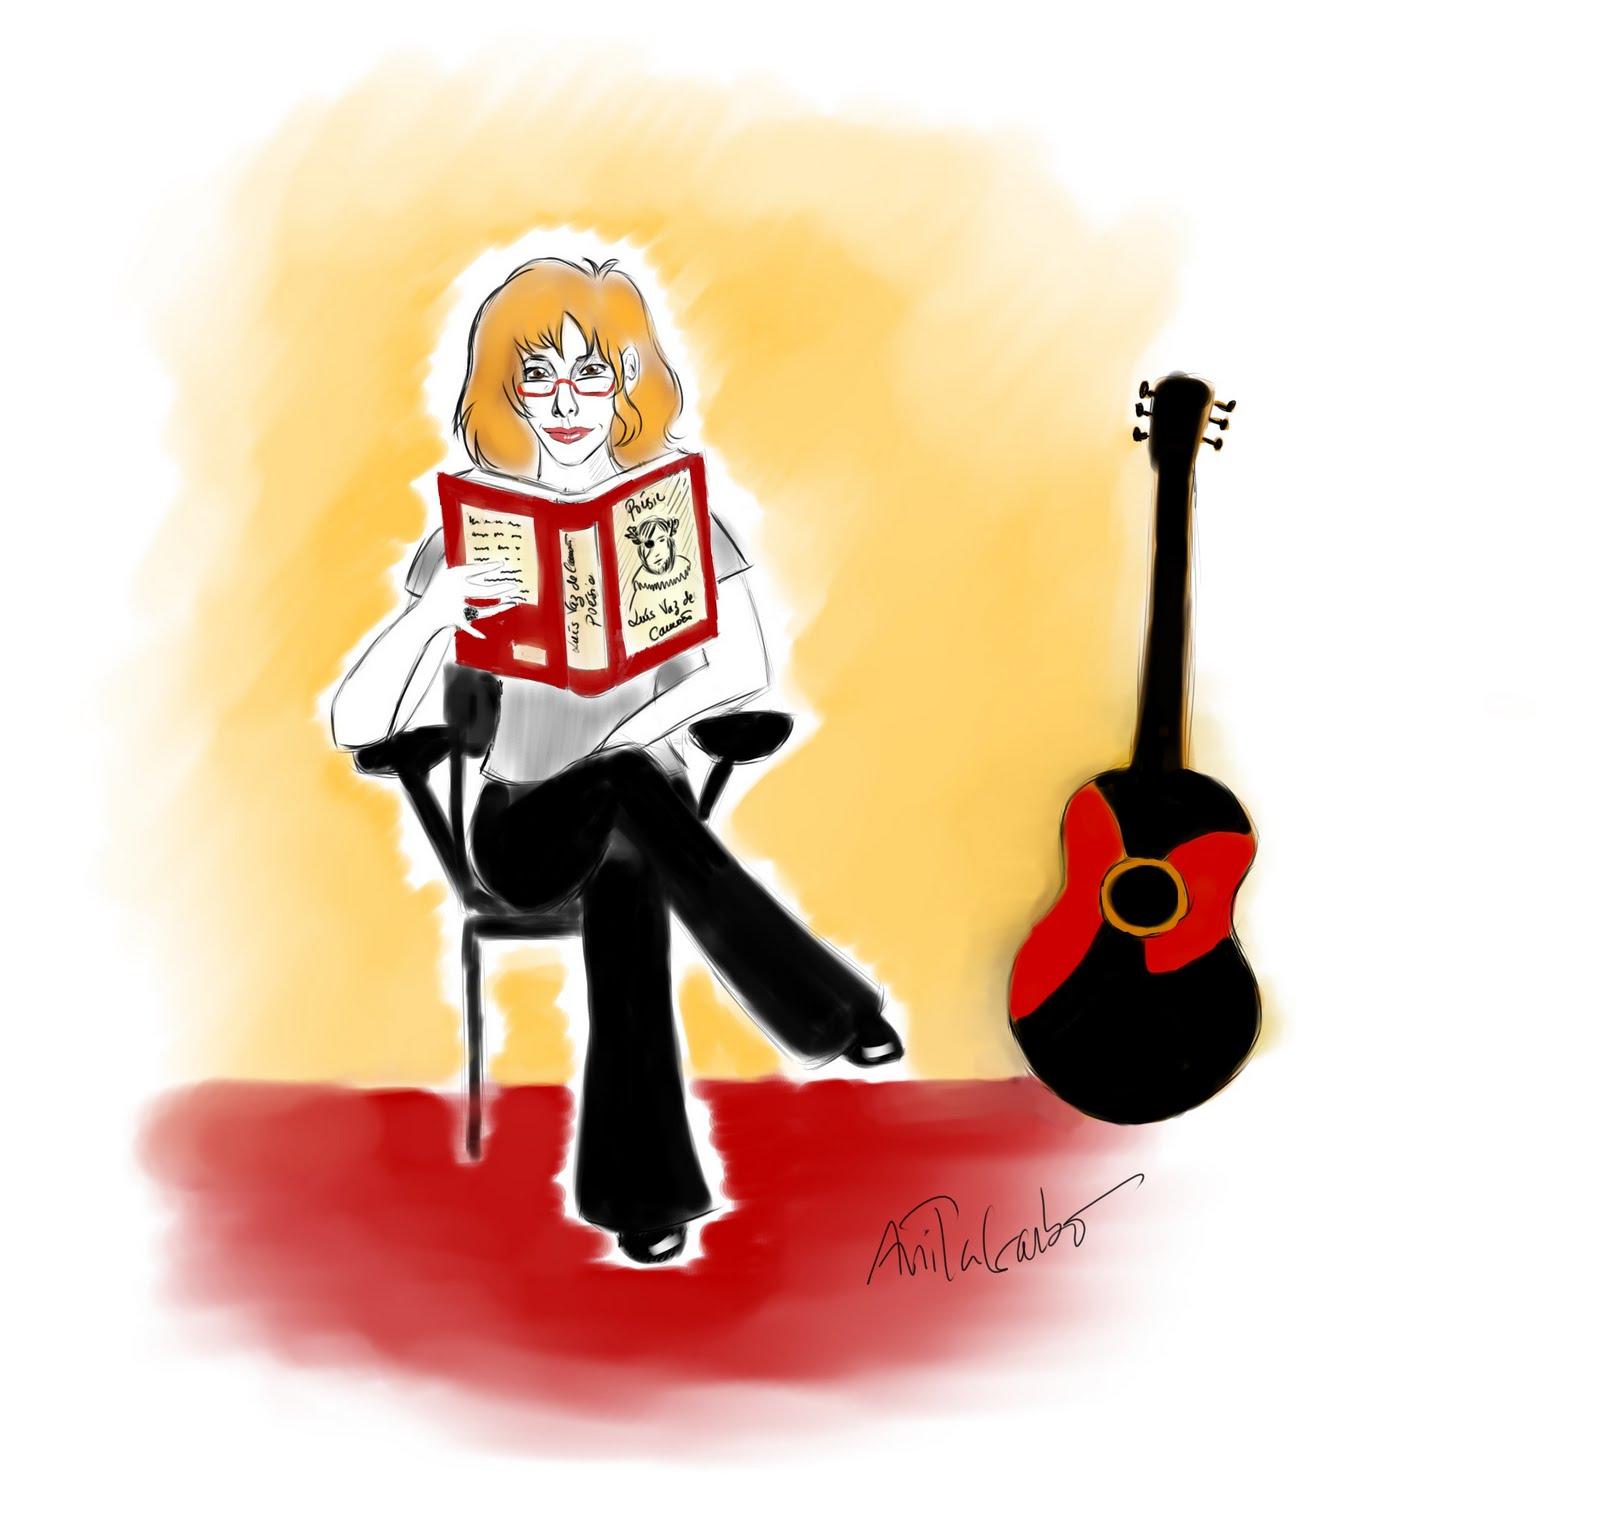 http://2.bp.blogspot.com/-0_2Ugdkul6I/TmzS5M7G6wI/AAAAAAAAAMg/9VG1XGJCEHg/s1600/Reading+Poetry1.jpg